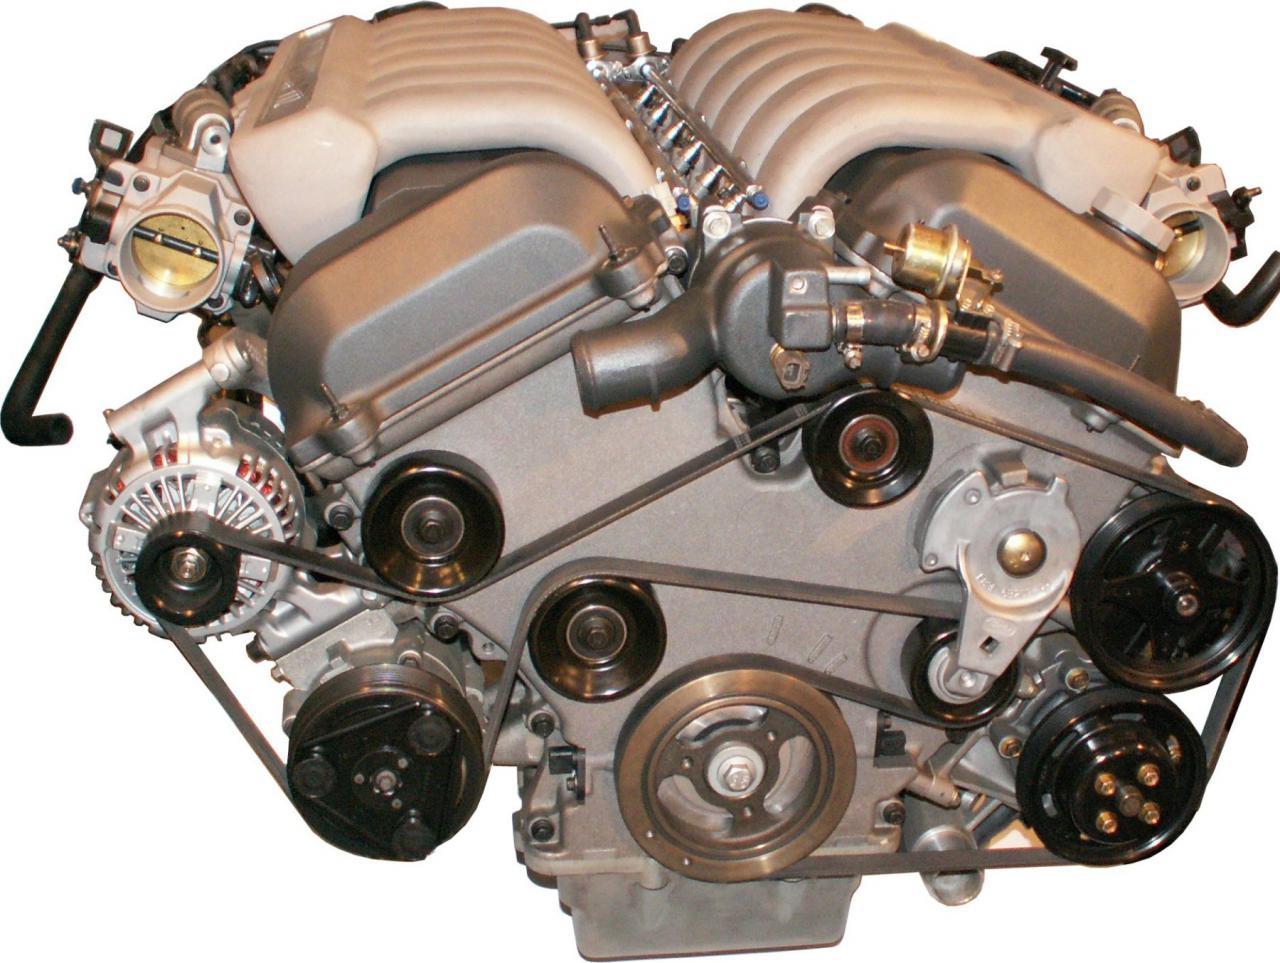 Aston Martin V Motor on Inline 4 Cylinder Engine